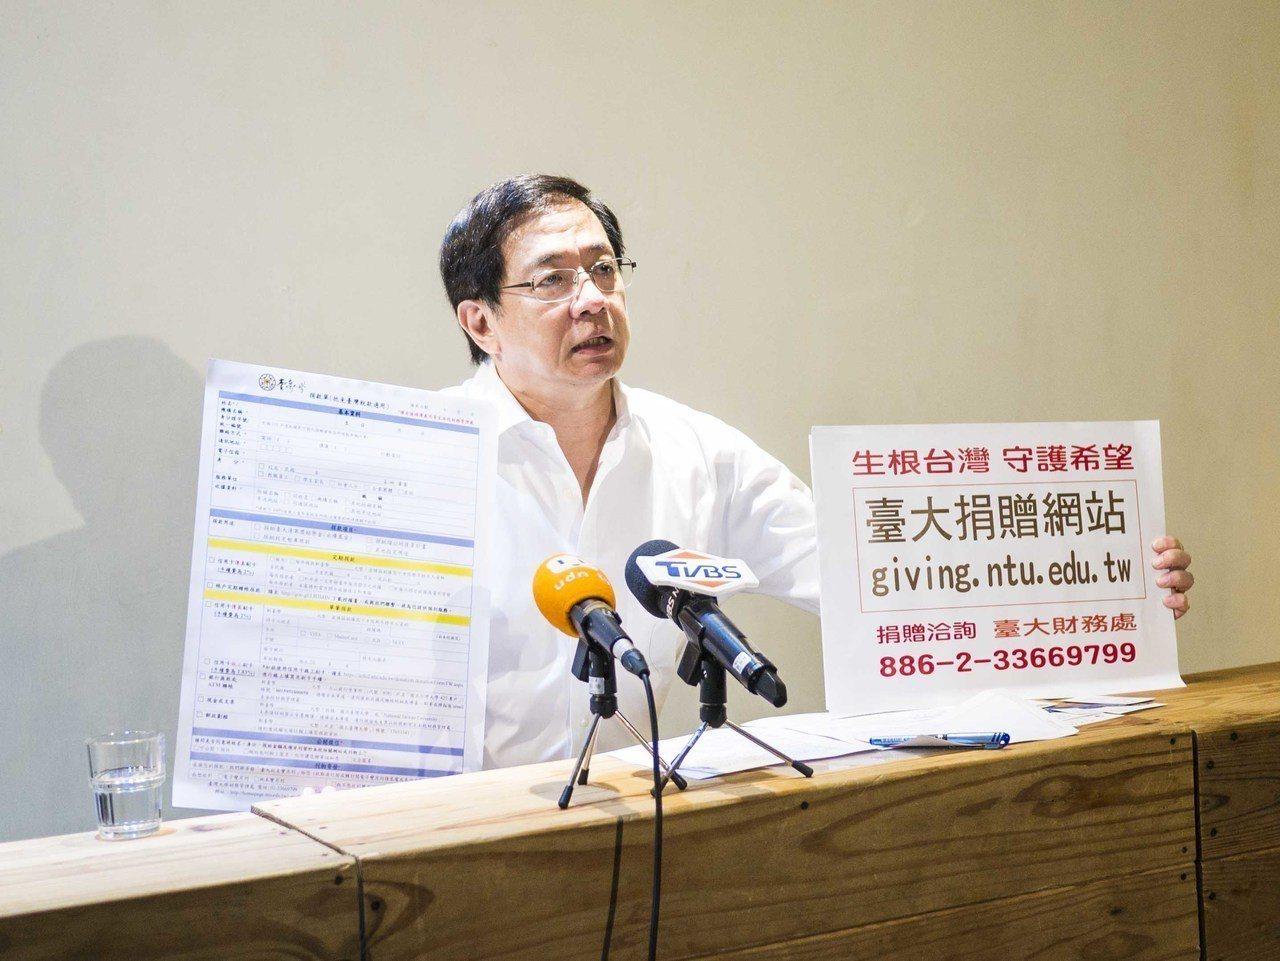 台灣大學校長當選人管中閔還拿出紙板,秀出台大的捐贈網站,他說:「希望各界對台大校...